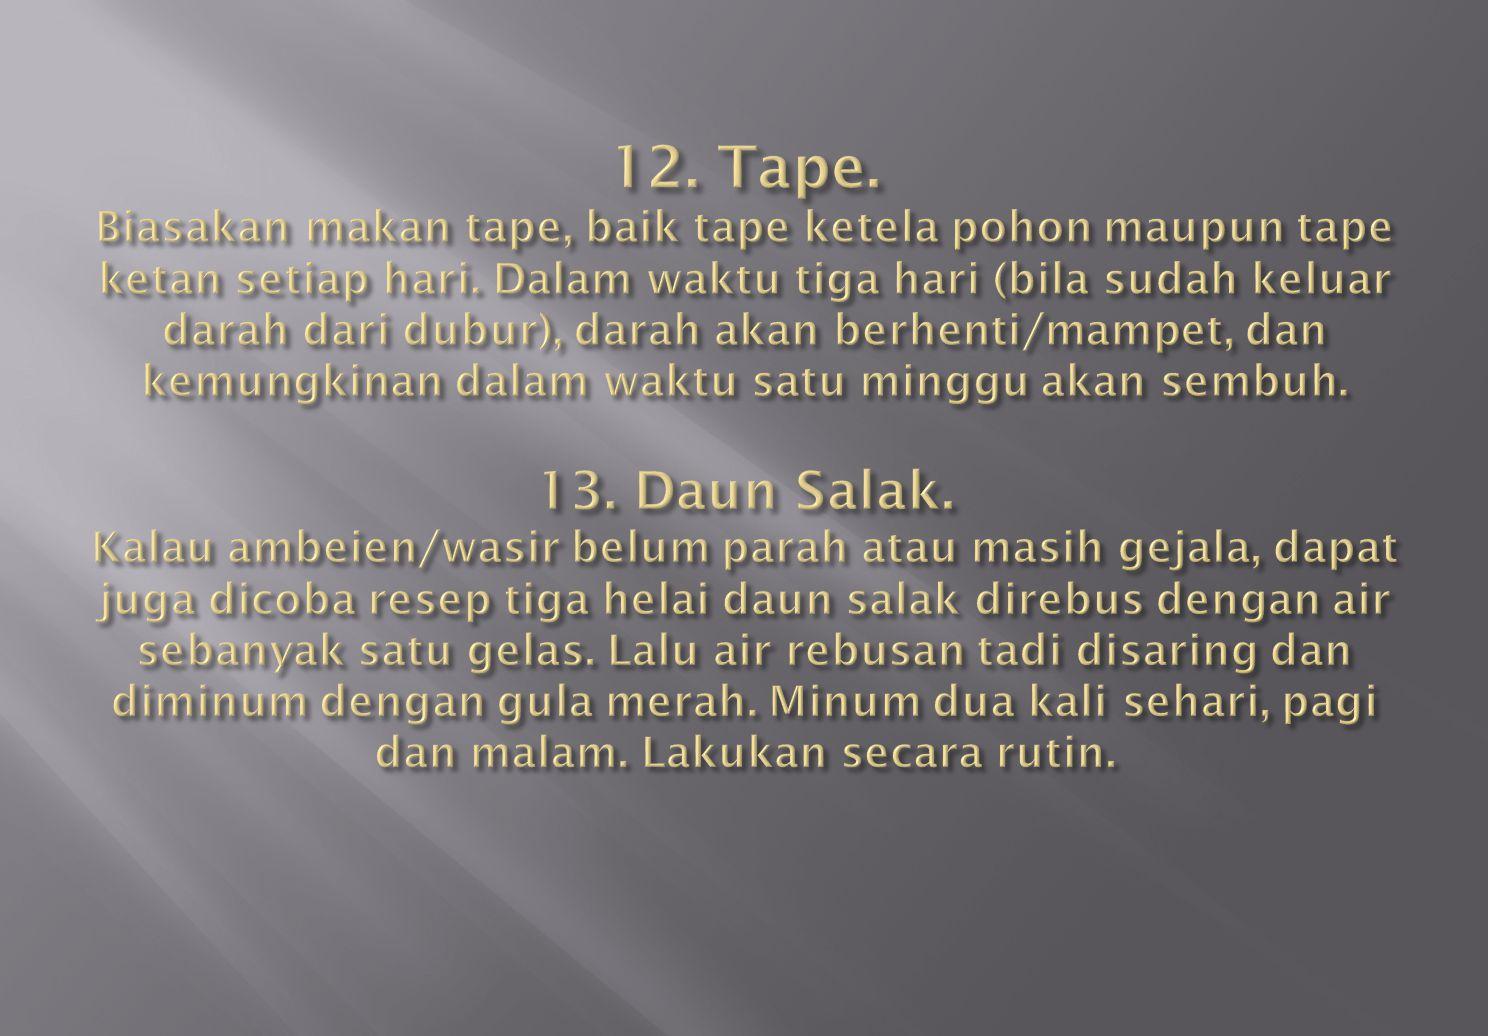 12. Tape. Biasakan makan tape, baik tape ketela pohon maupun tape ketan setiap hari.